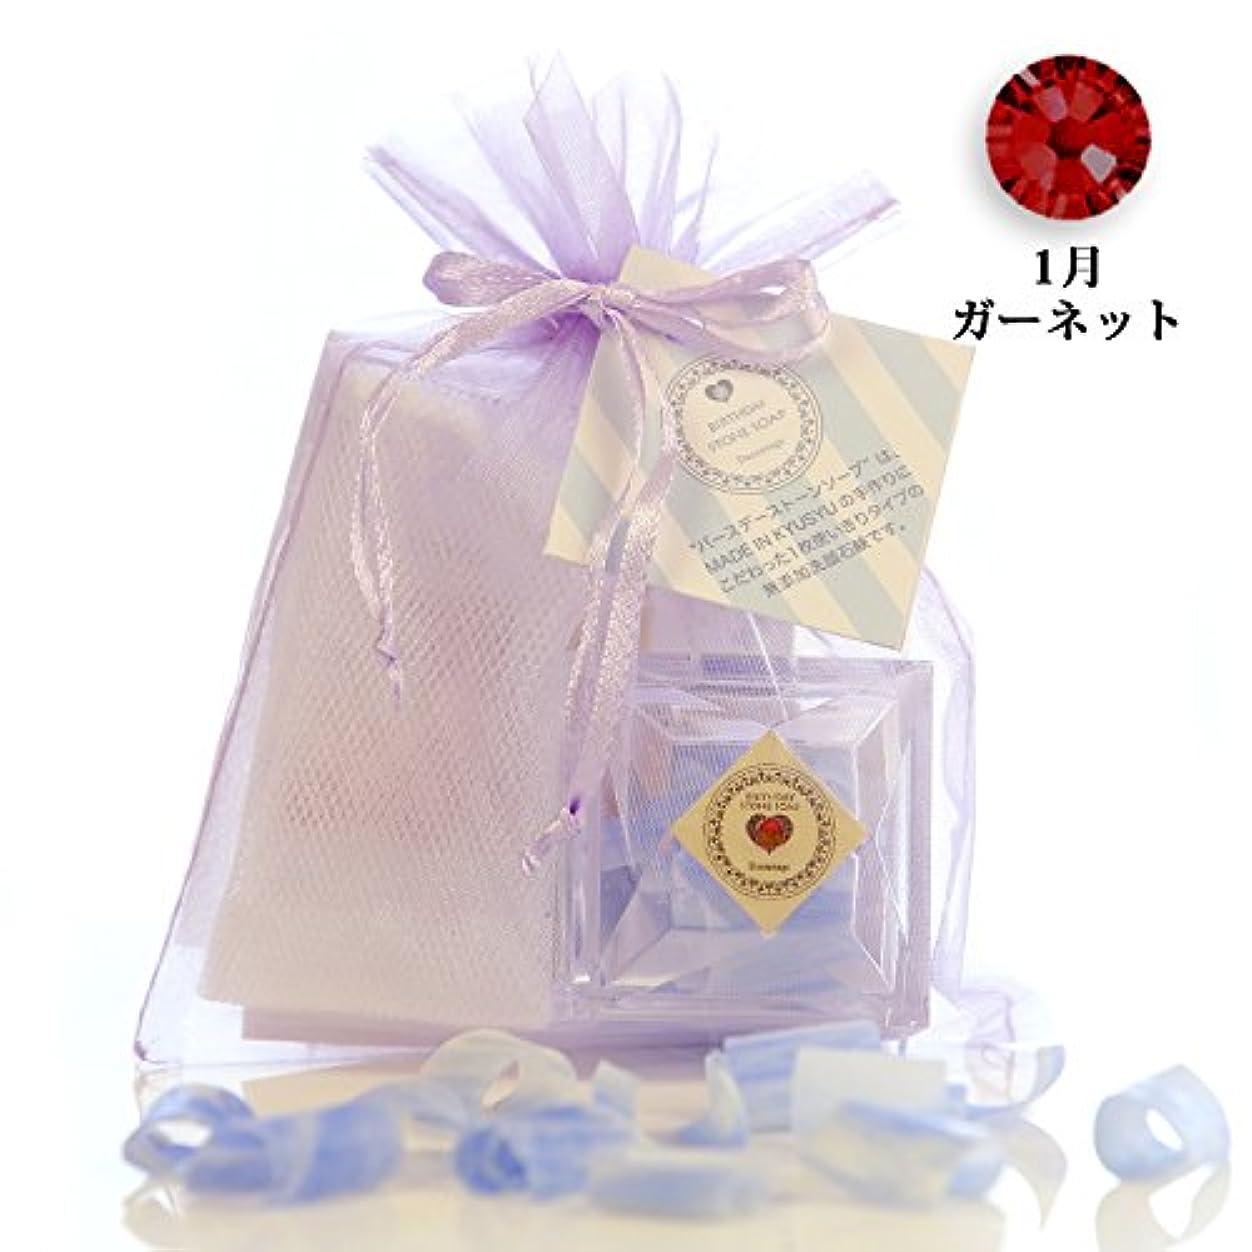 美人ゴミ箱を空にする構想する誕生月で選べるバースデーストーンソープ マリンmini プチギフト 【7月】 ルビー(プルメリアの香り)